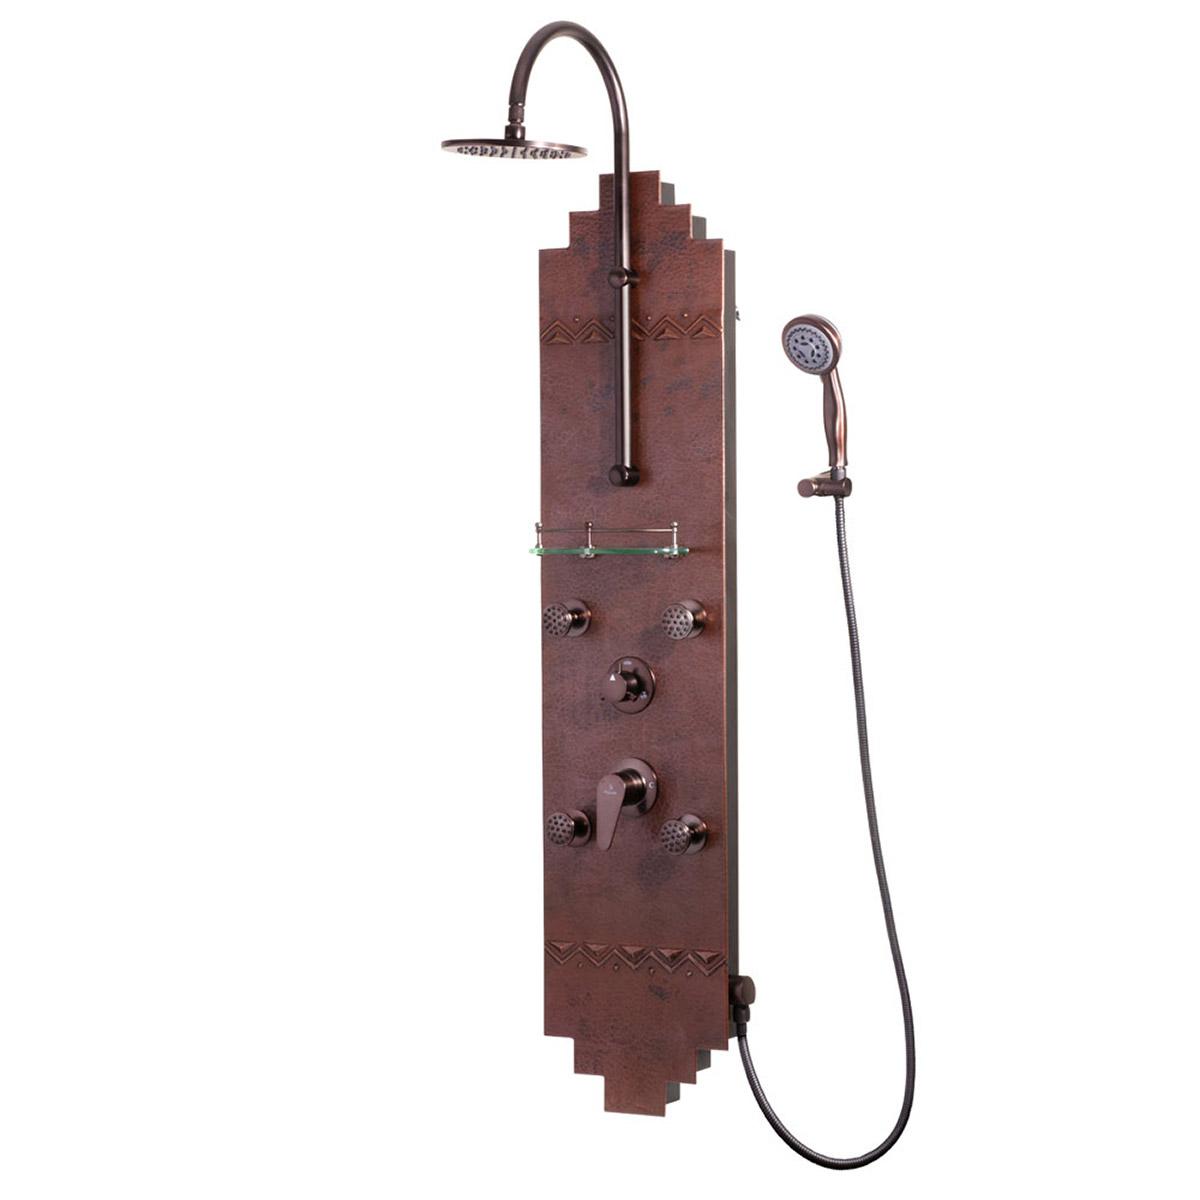 PULSE ShowerSpas Hammered Copper ORB Shower Panel - Navajo ShowerSpa